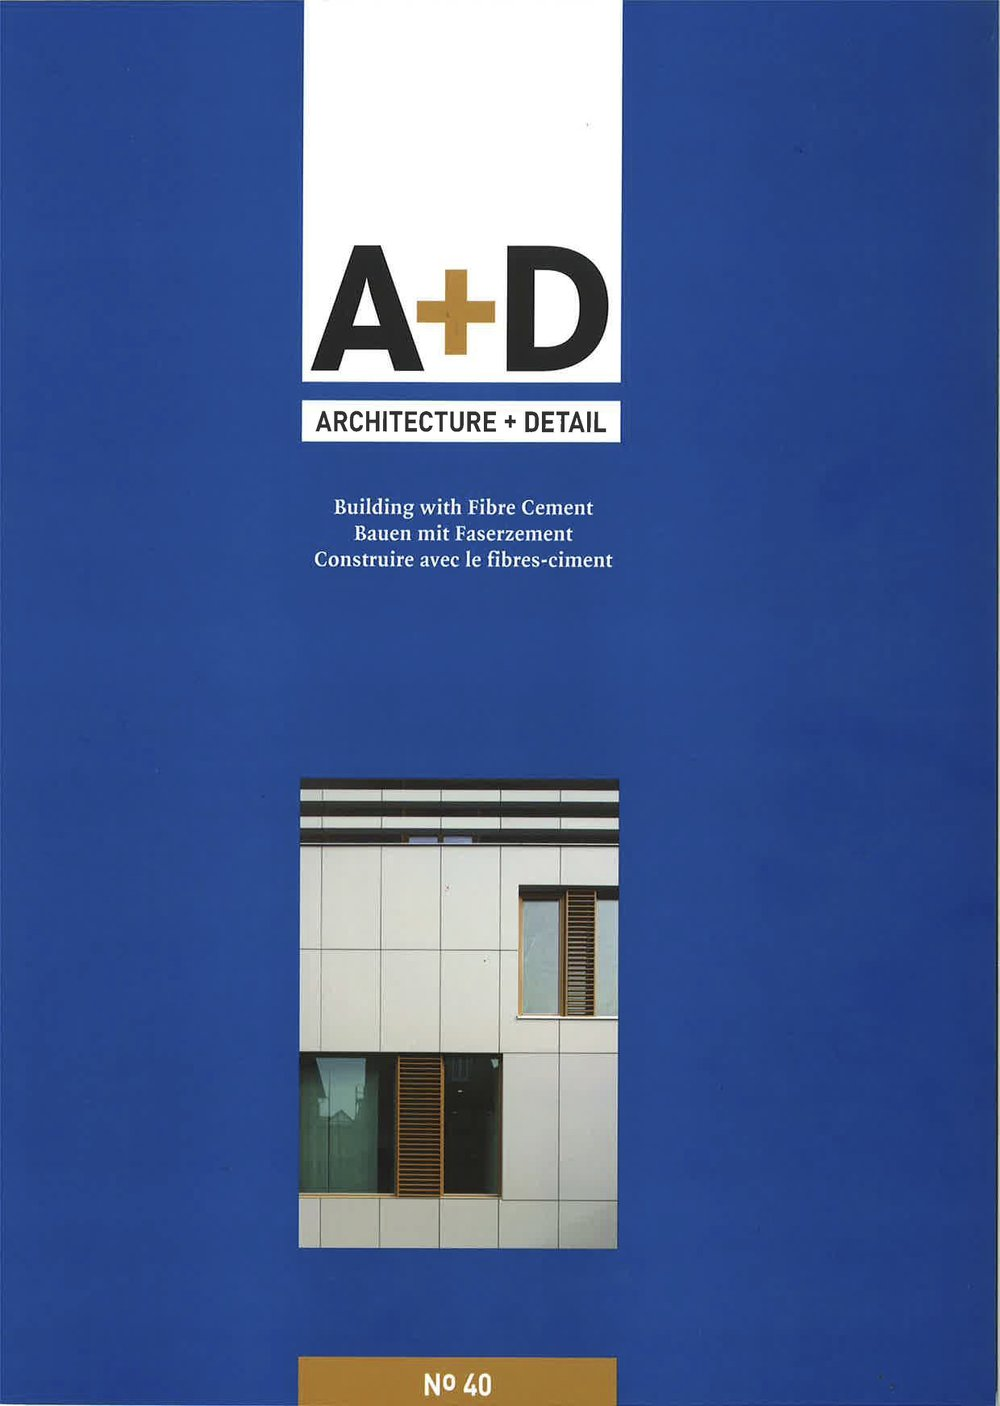 Adeo A+D .jpg